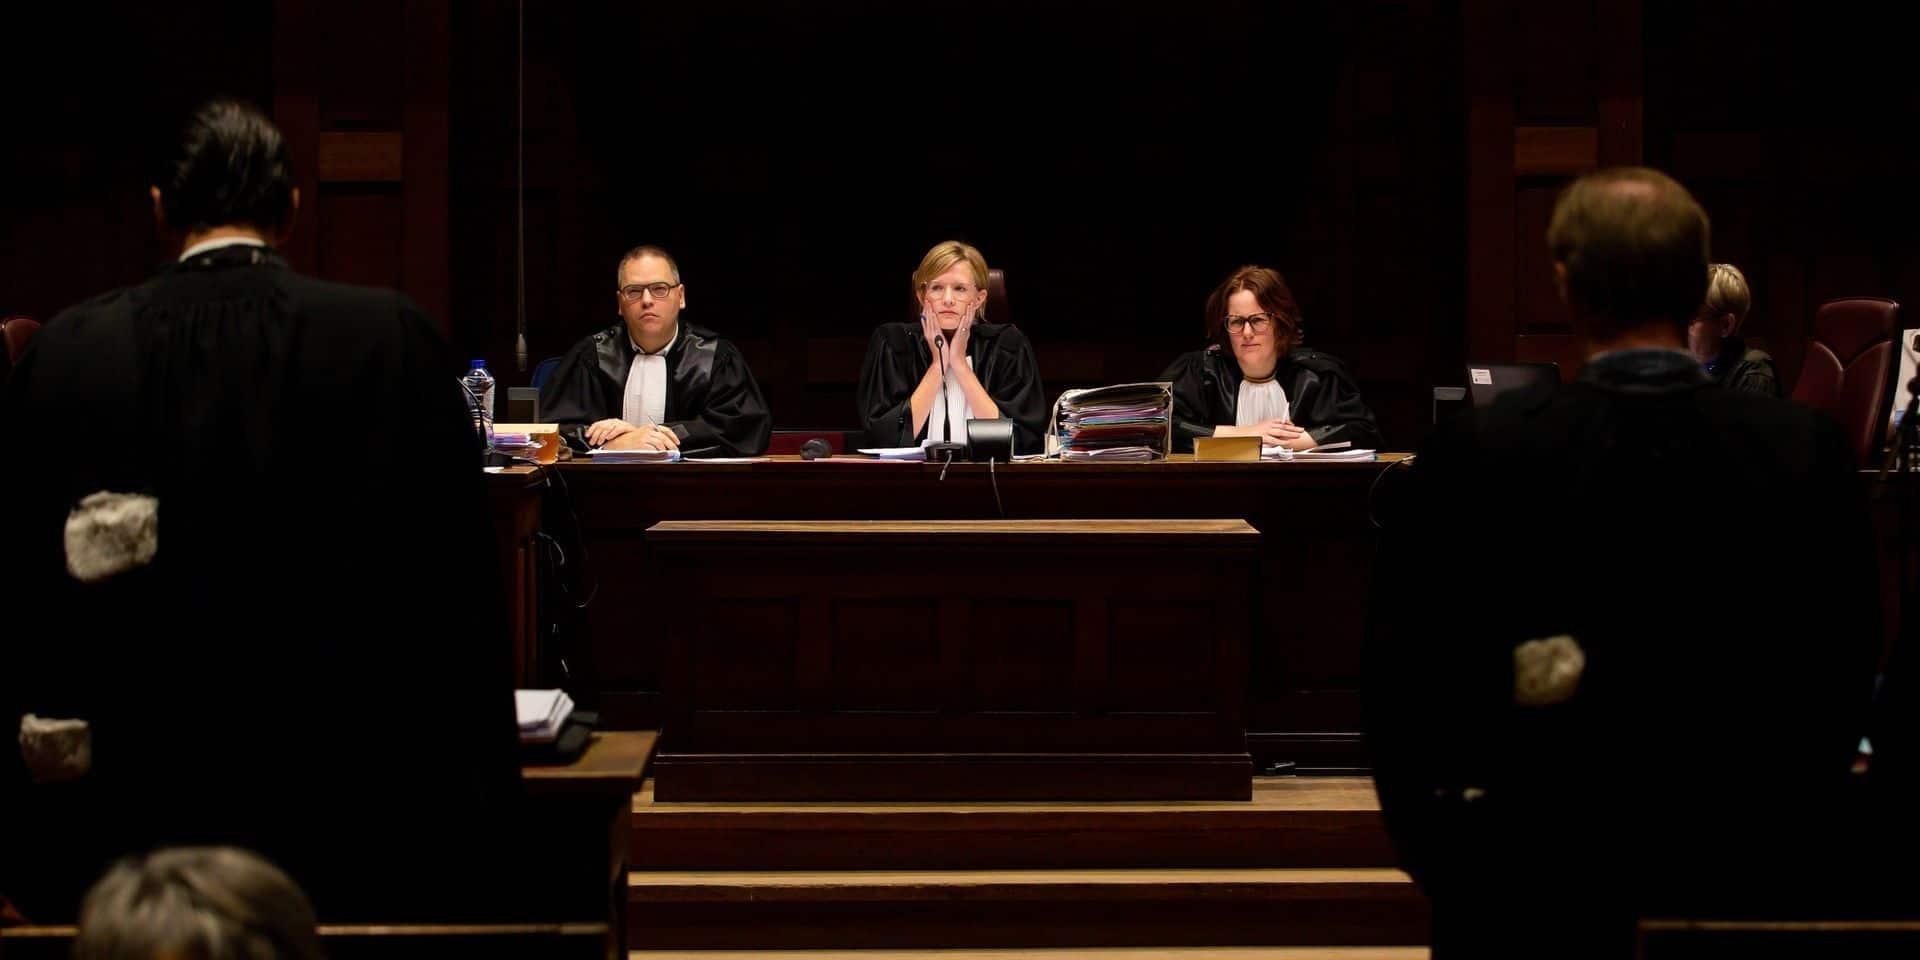 Dossier de pédopornographie sans précédent en Belgique: des peines de dix à quinze ans requises